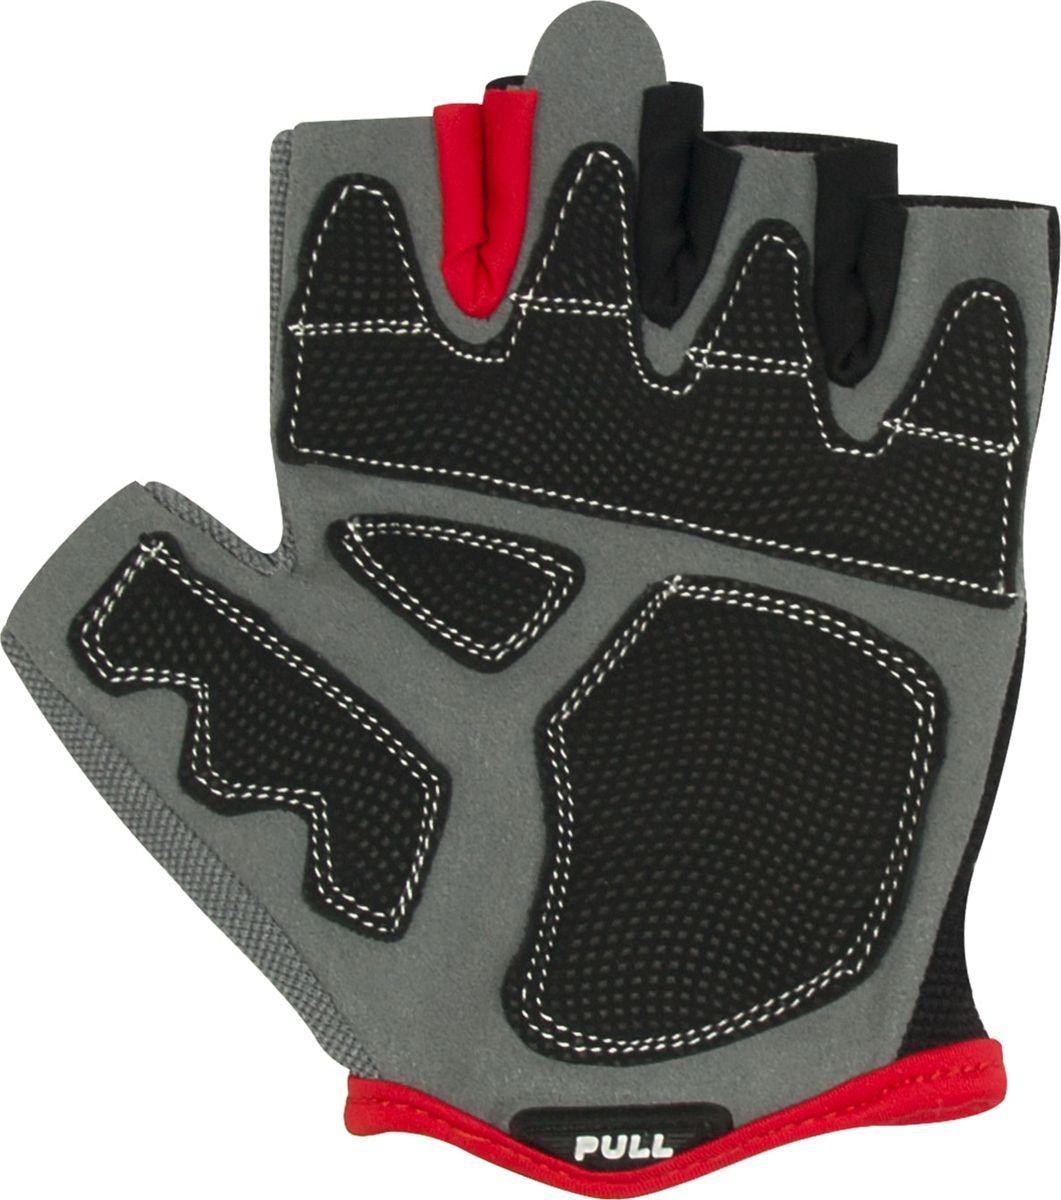 Перчатки для фитнеса Starfit  SU-117 , цвет: черный, серый, красный. Размер S - Одежда, экипировка